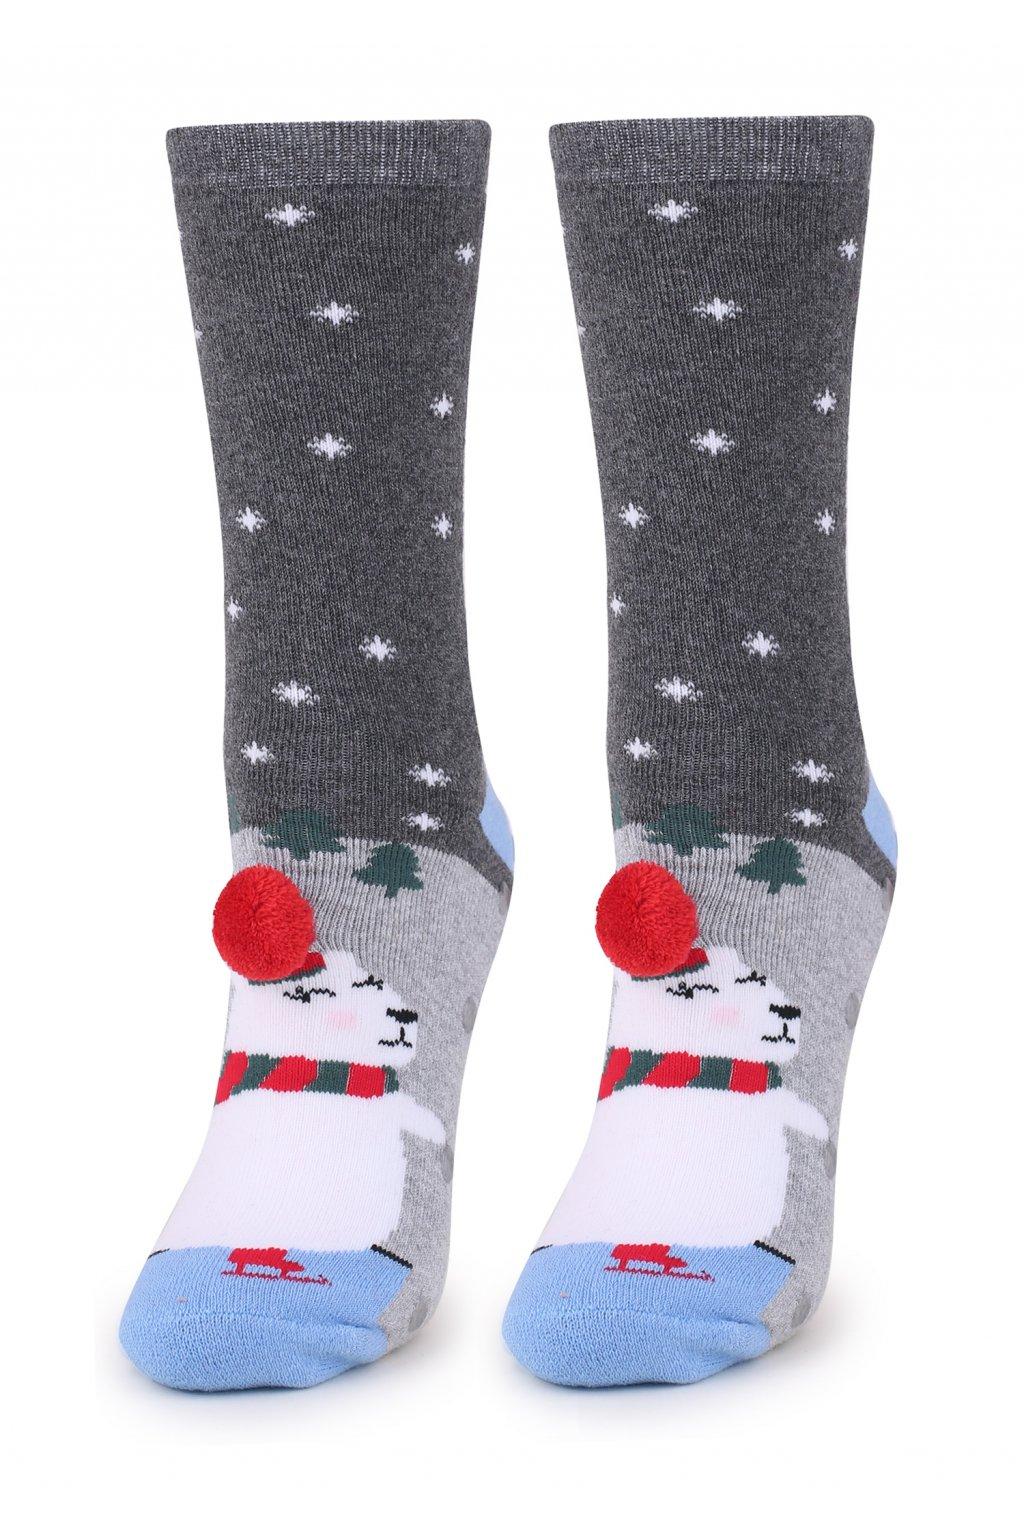 Ponožky COTTON N50 ABS